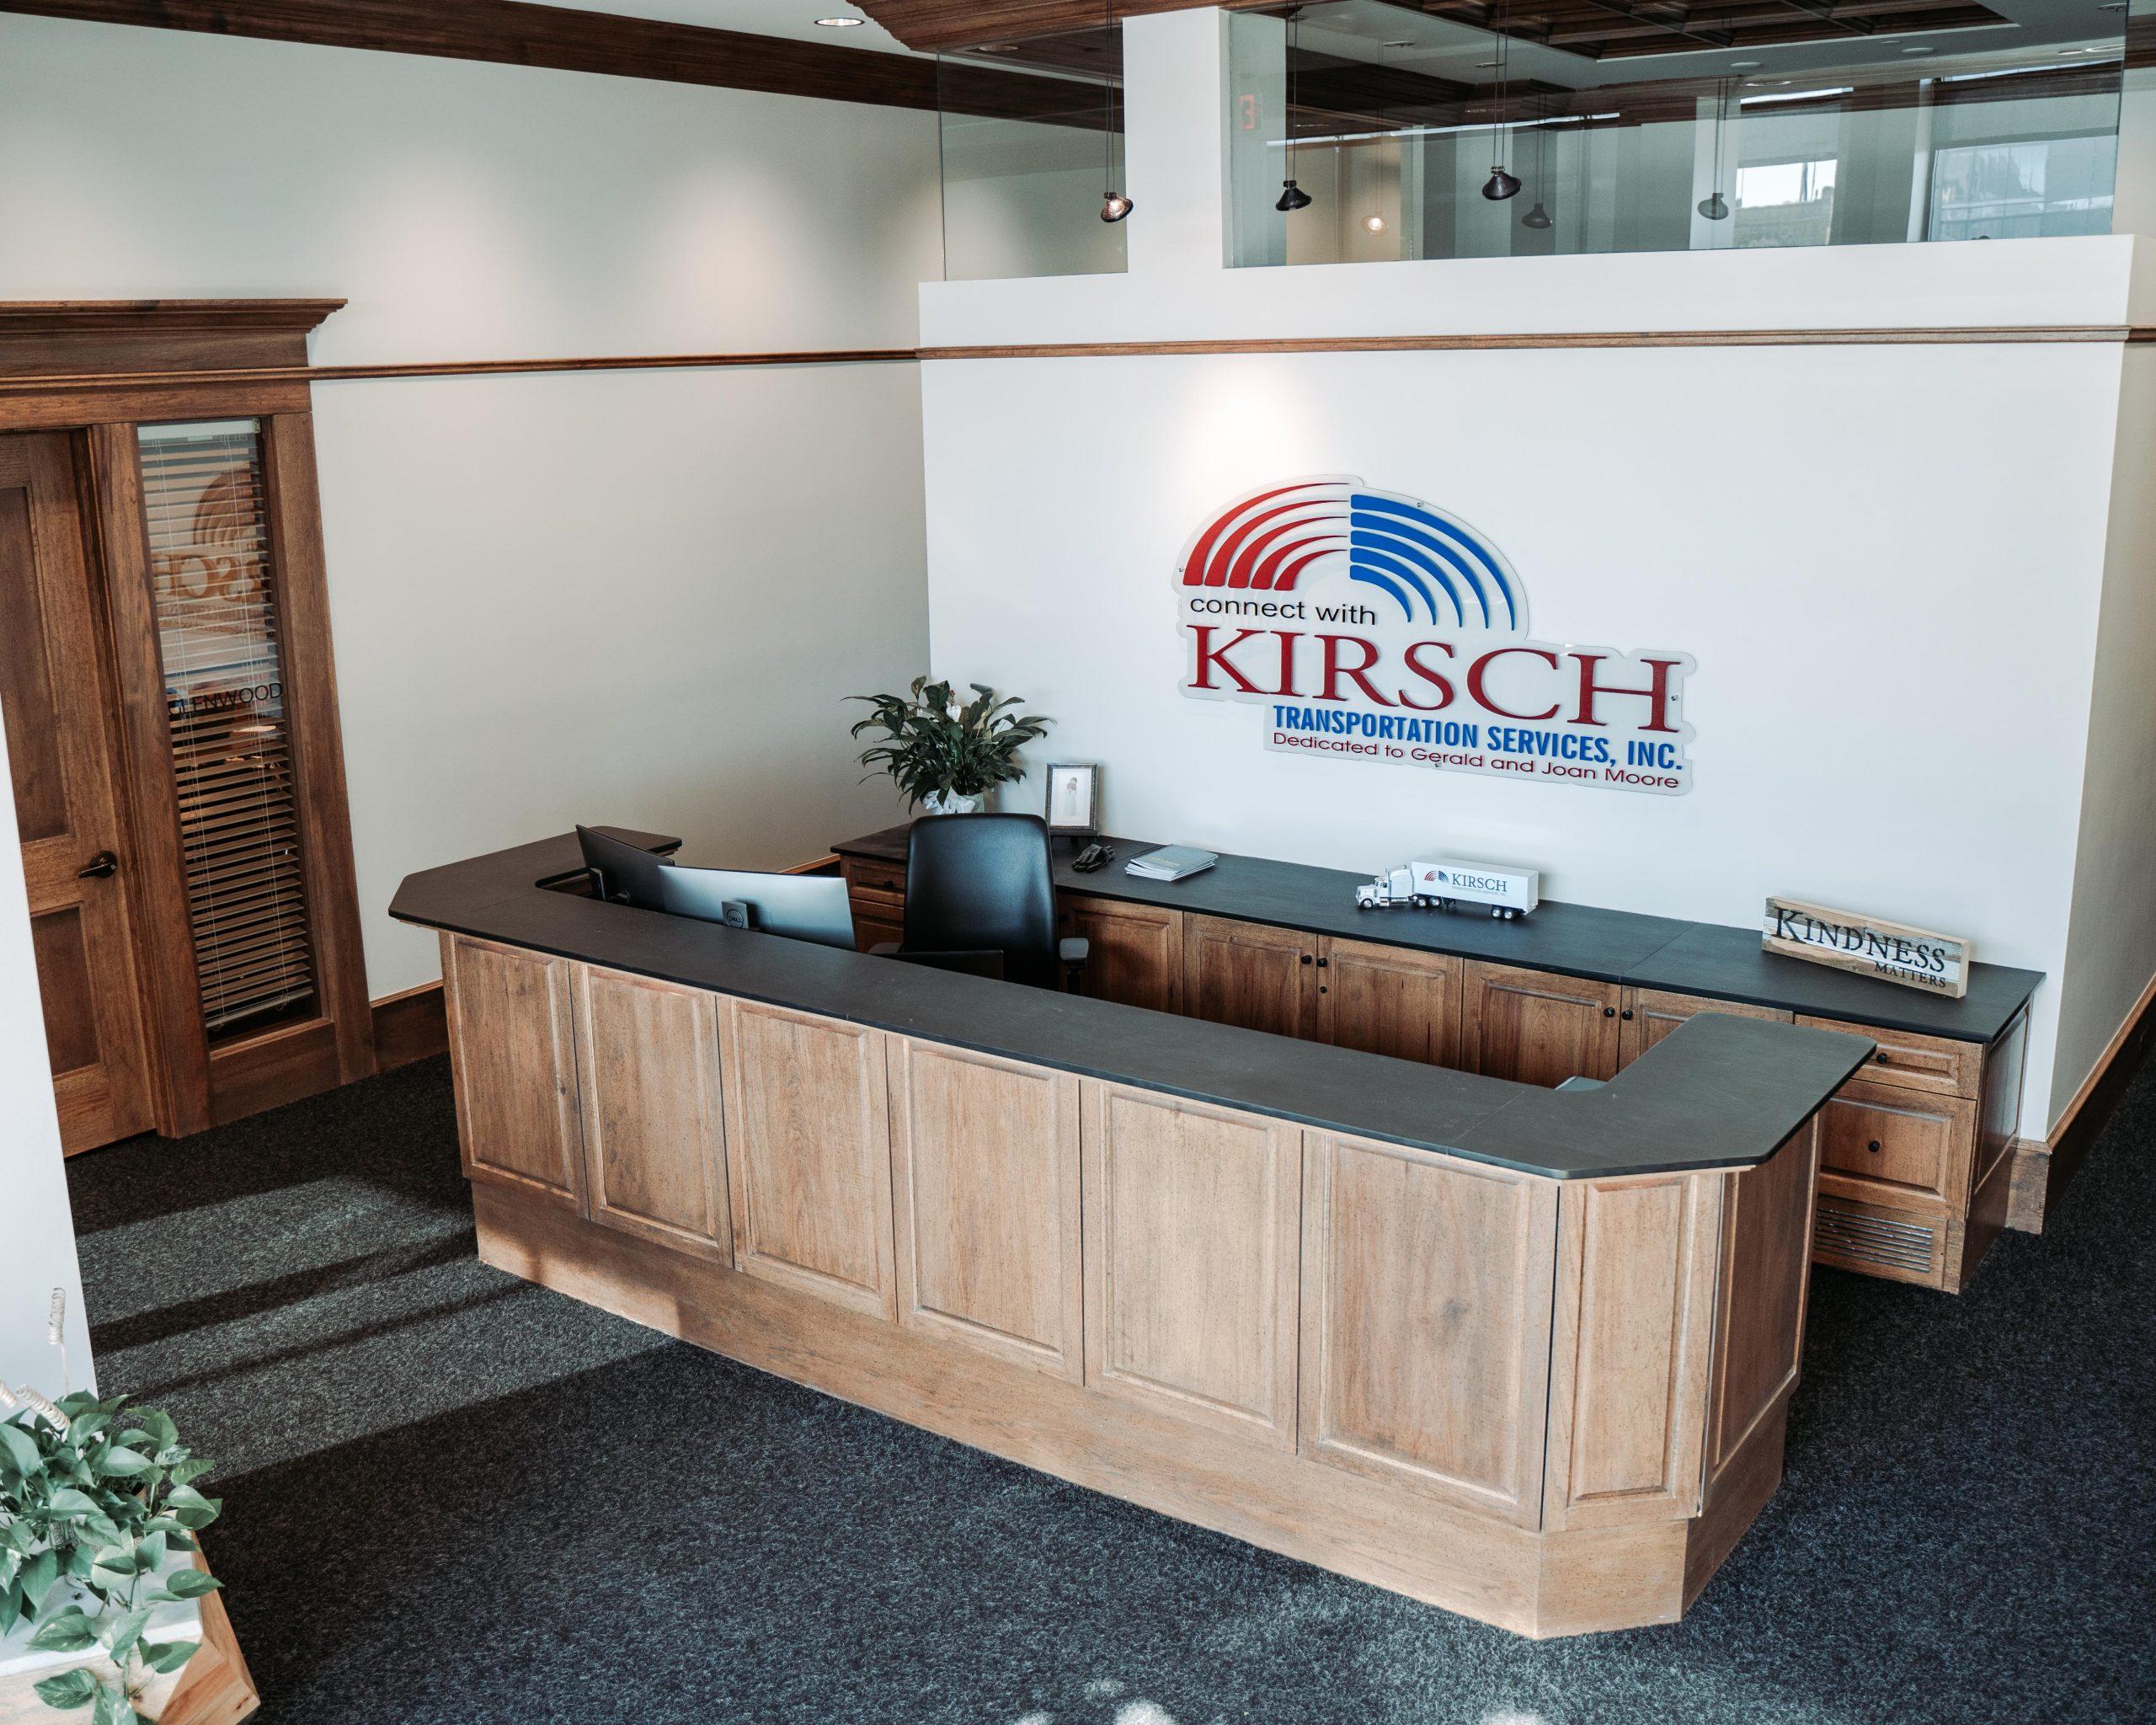 6026be5616445a4025ba1c2c_Kirsch Desk